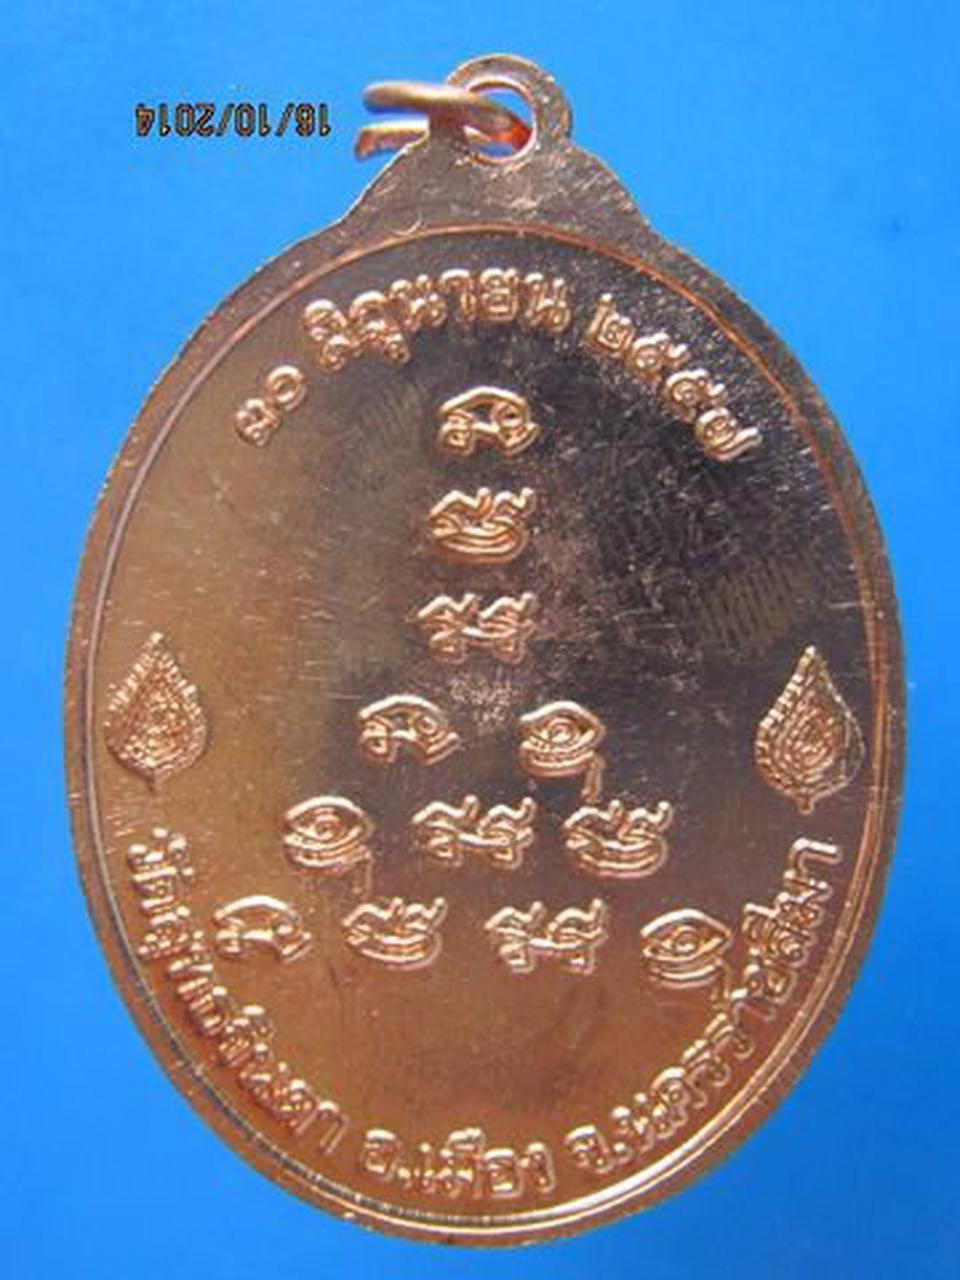 603 เหรียญแซยิด90ปีหลวงพ่อ ใหญ่ วัดสุทธจินดา ปี 2557 โคราช  รูปที่ 3